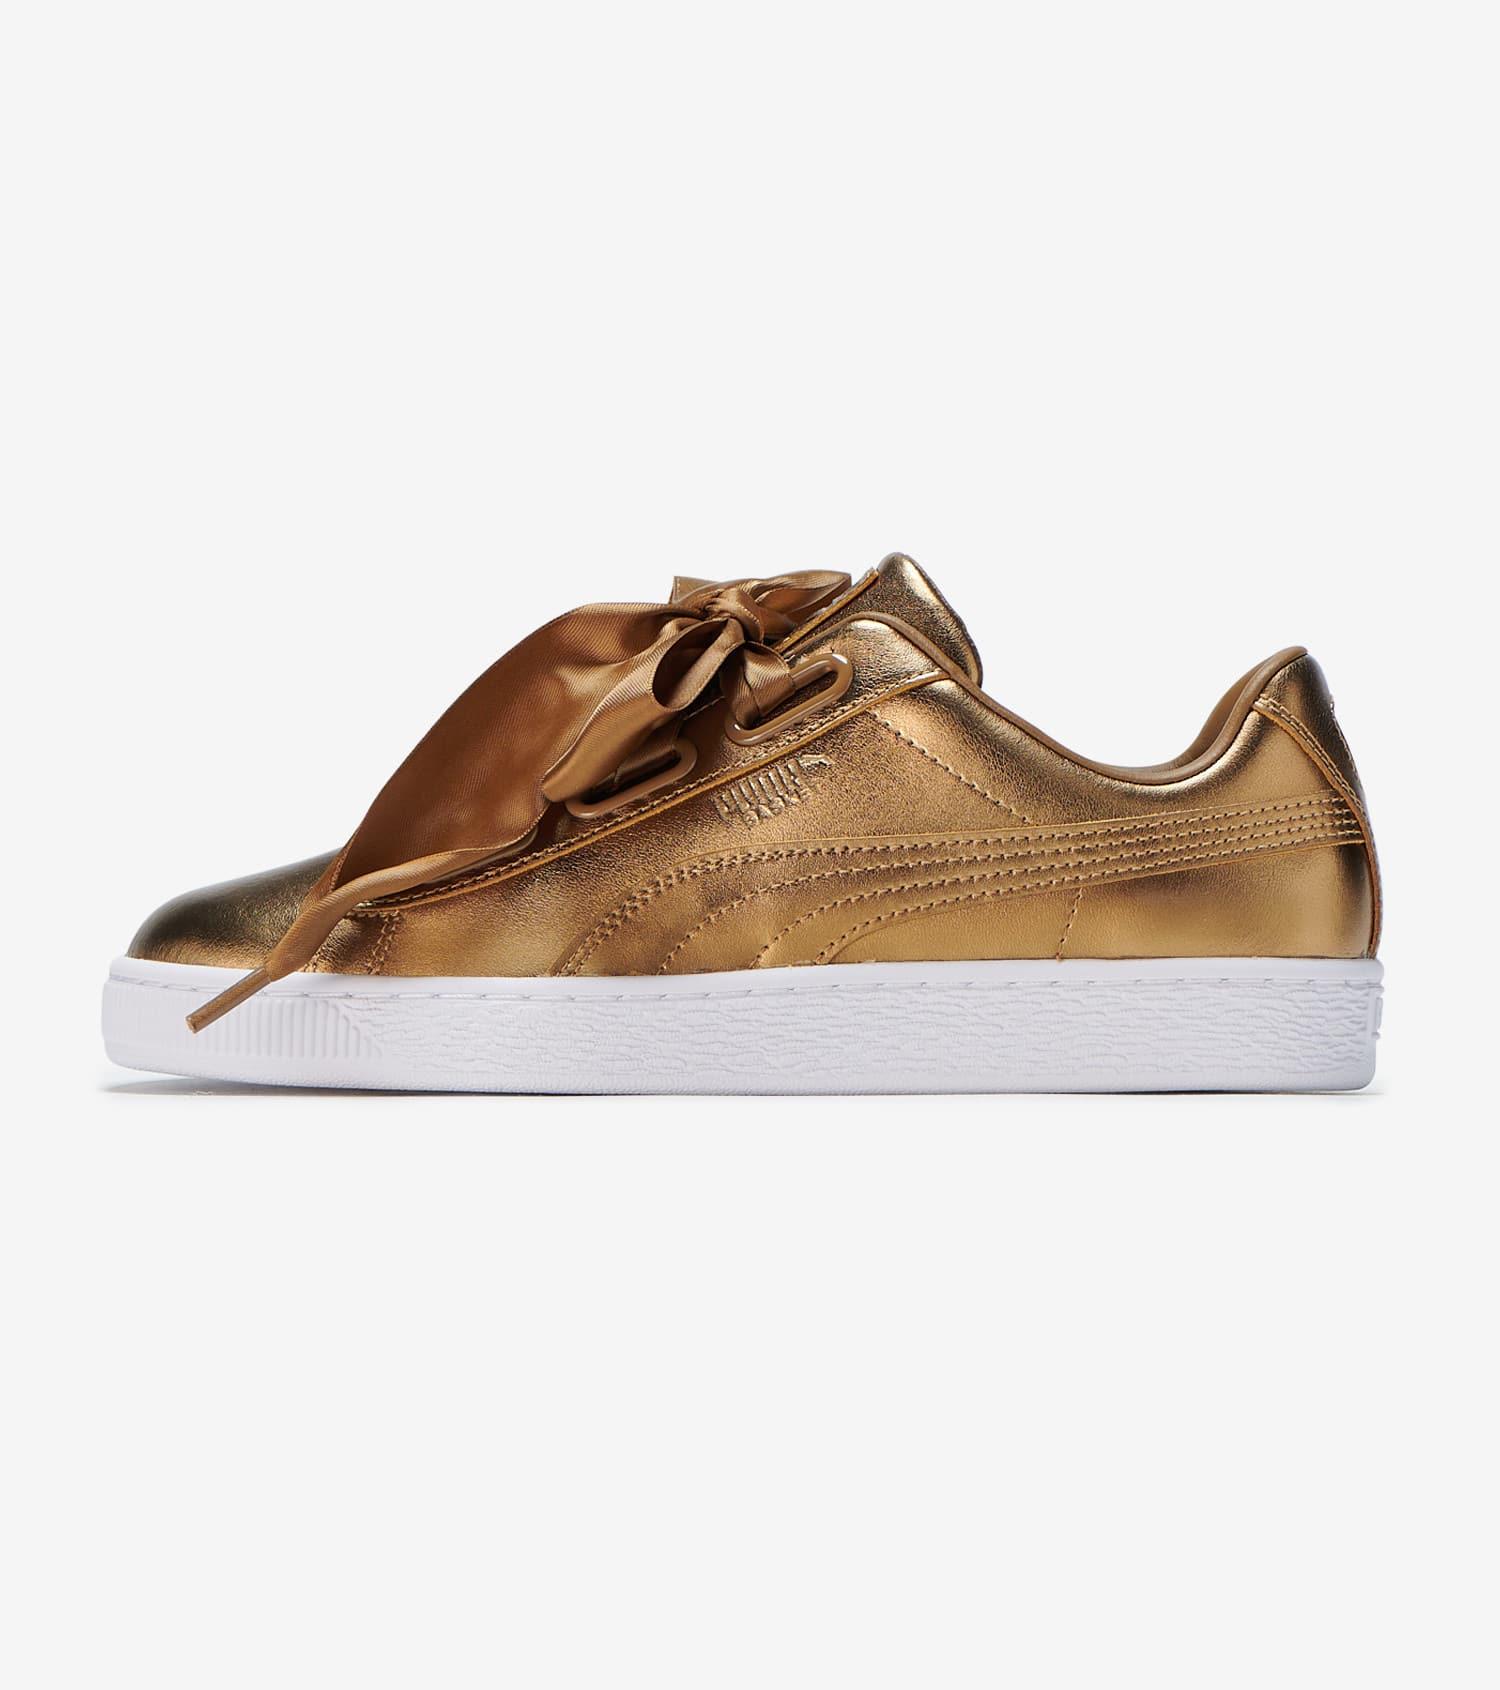 PUMA Basket Heart Luxe Schuhe